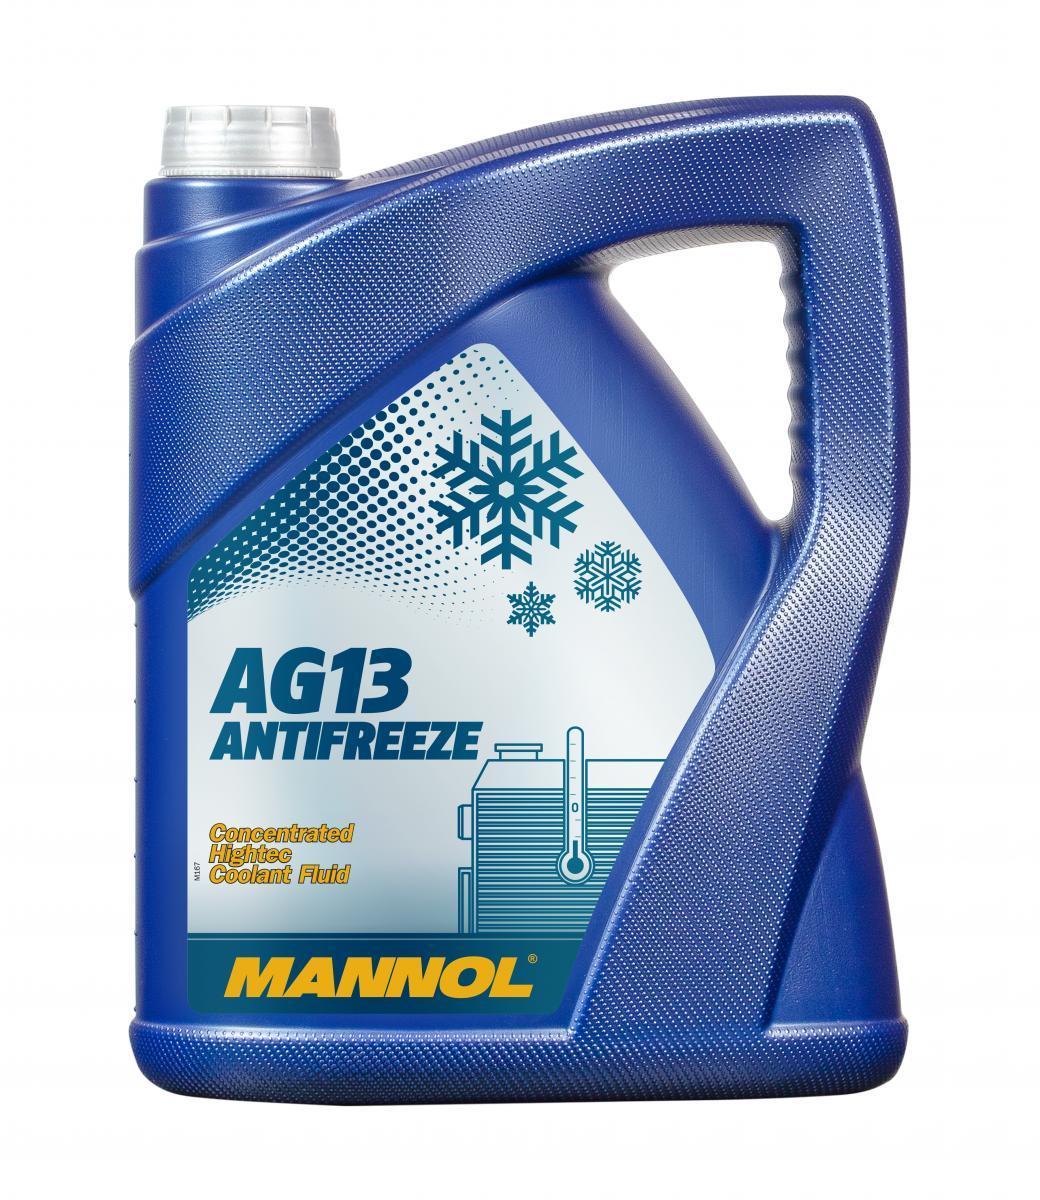 Kühlerfrostschutzmittel MANNOL MN4113-5